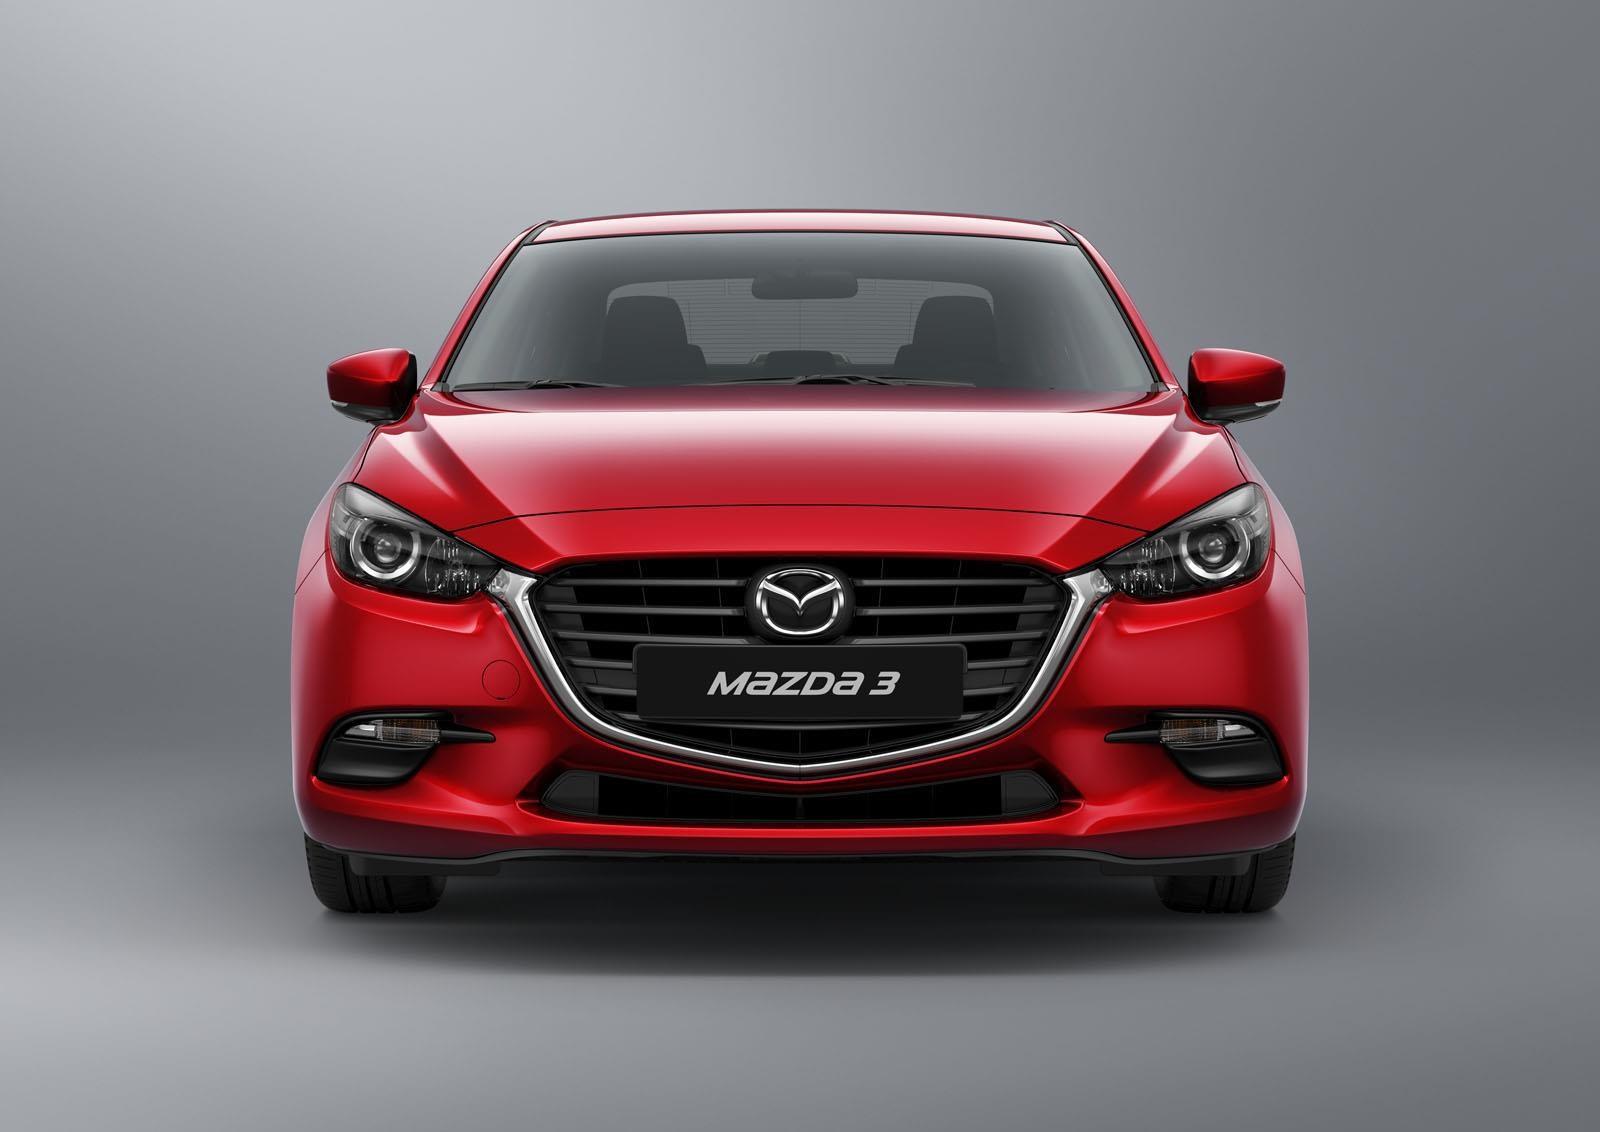 Mazda 3 2017 Llega A M 233 Xico Desde 265 900 Pesos